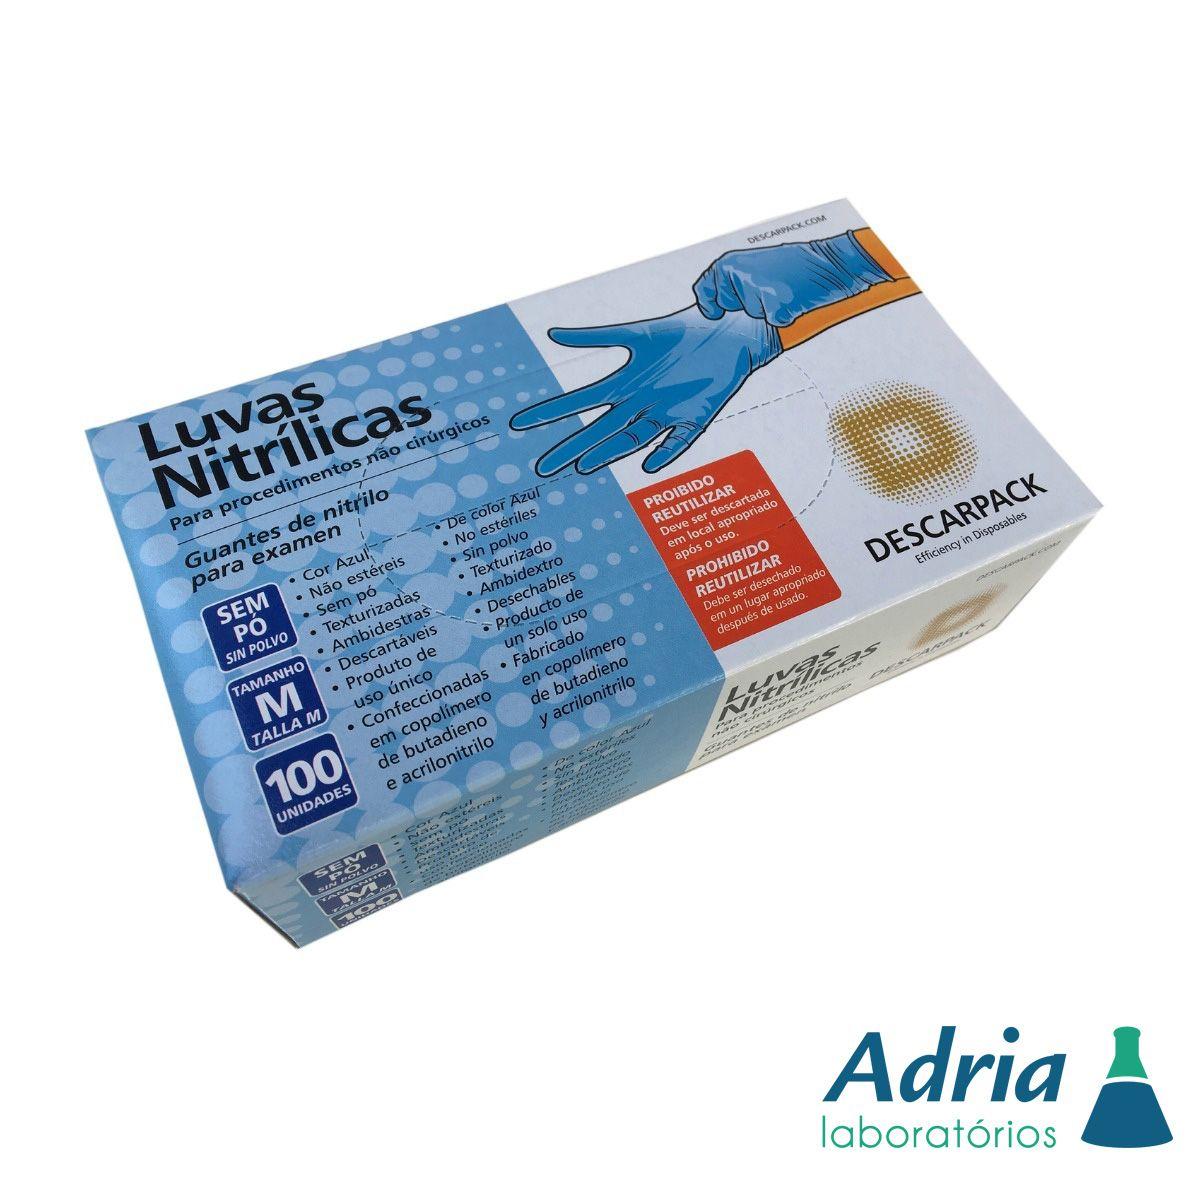 Luva Nitrilica de tamanho P - azul - caixa com 100 unidades (50 pares)